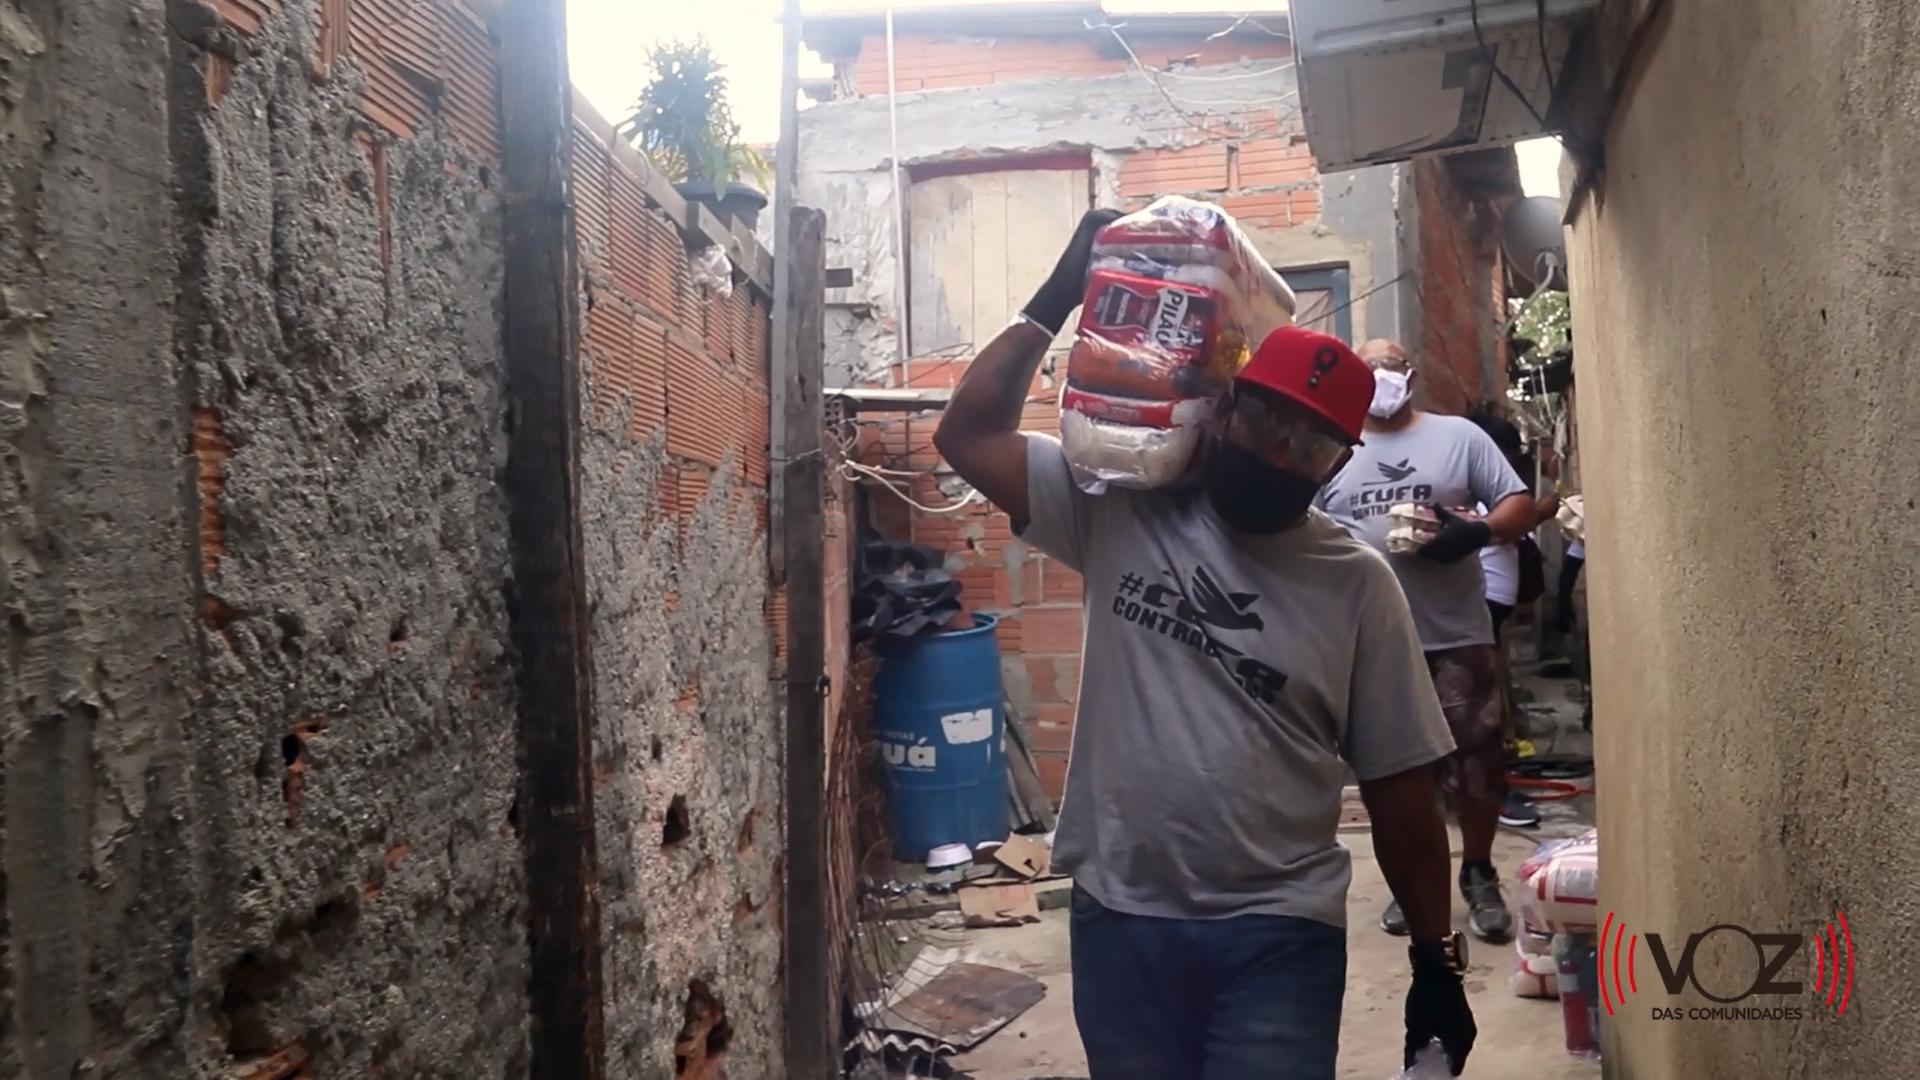 Projeto da CUFA 'Mães de Favela' ajuda mulheres chefes de família durante a pandemia de Covid-19